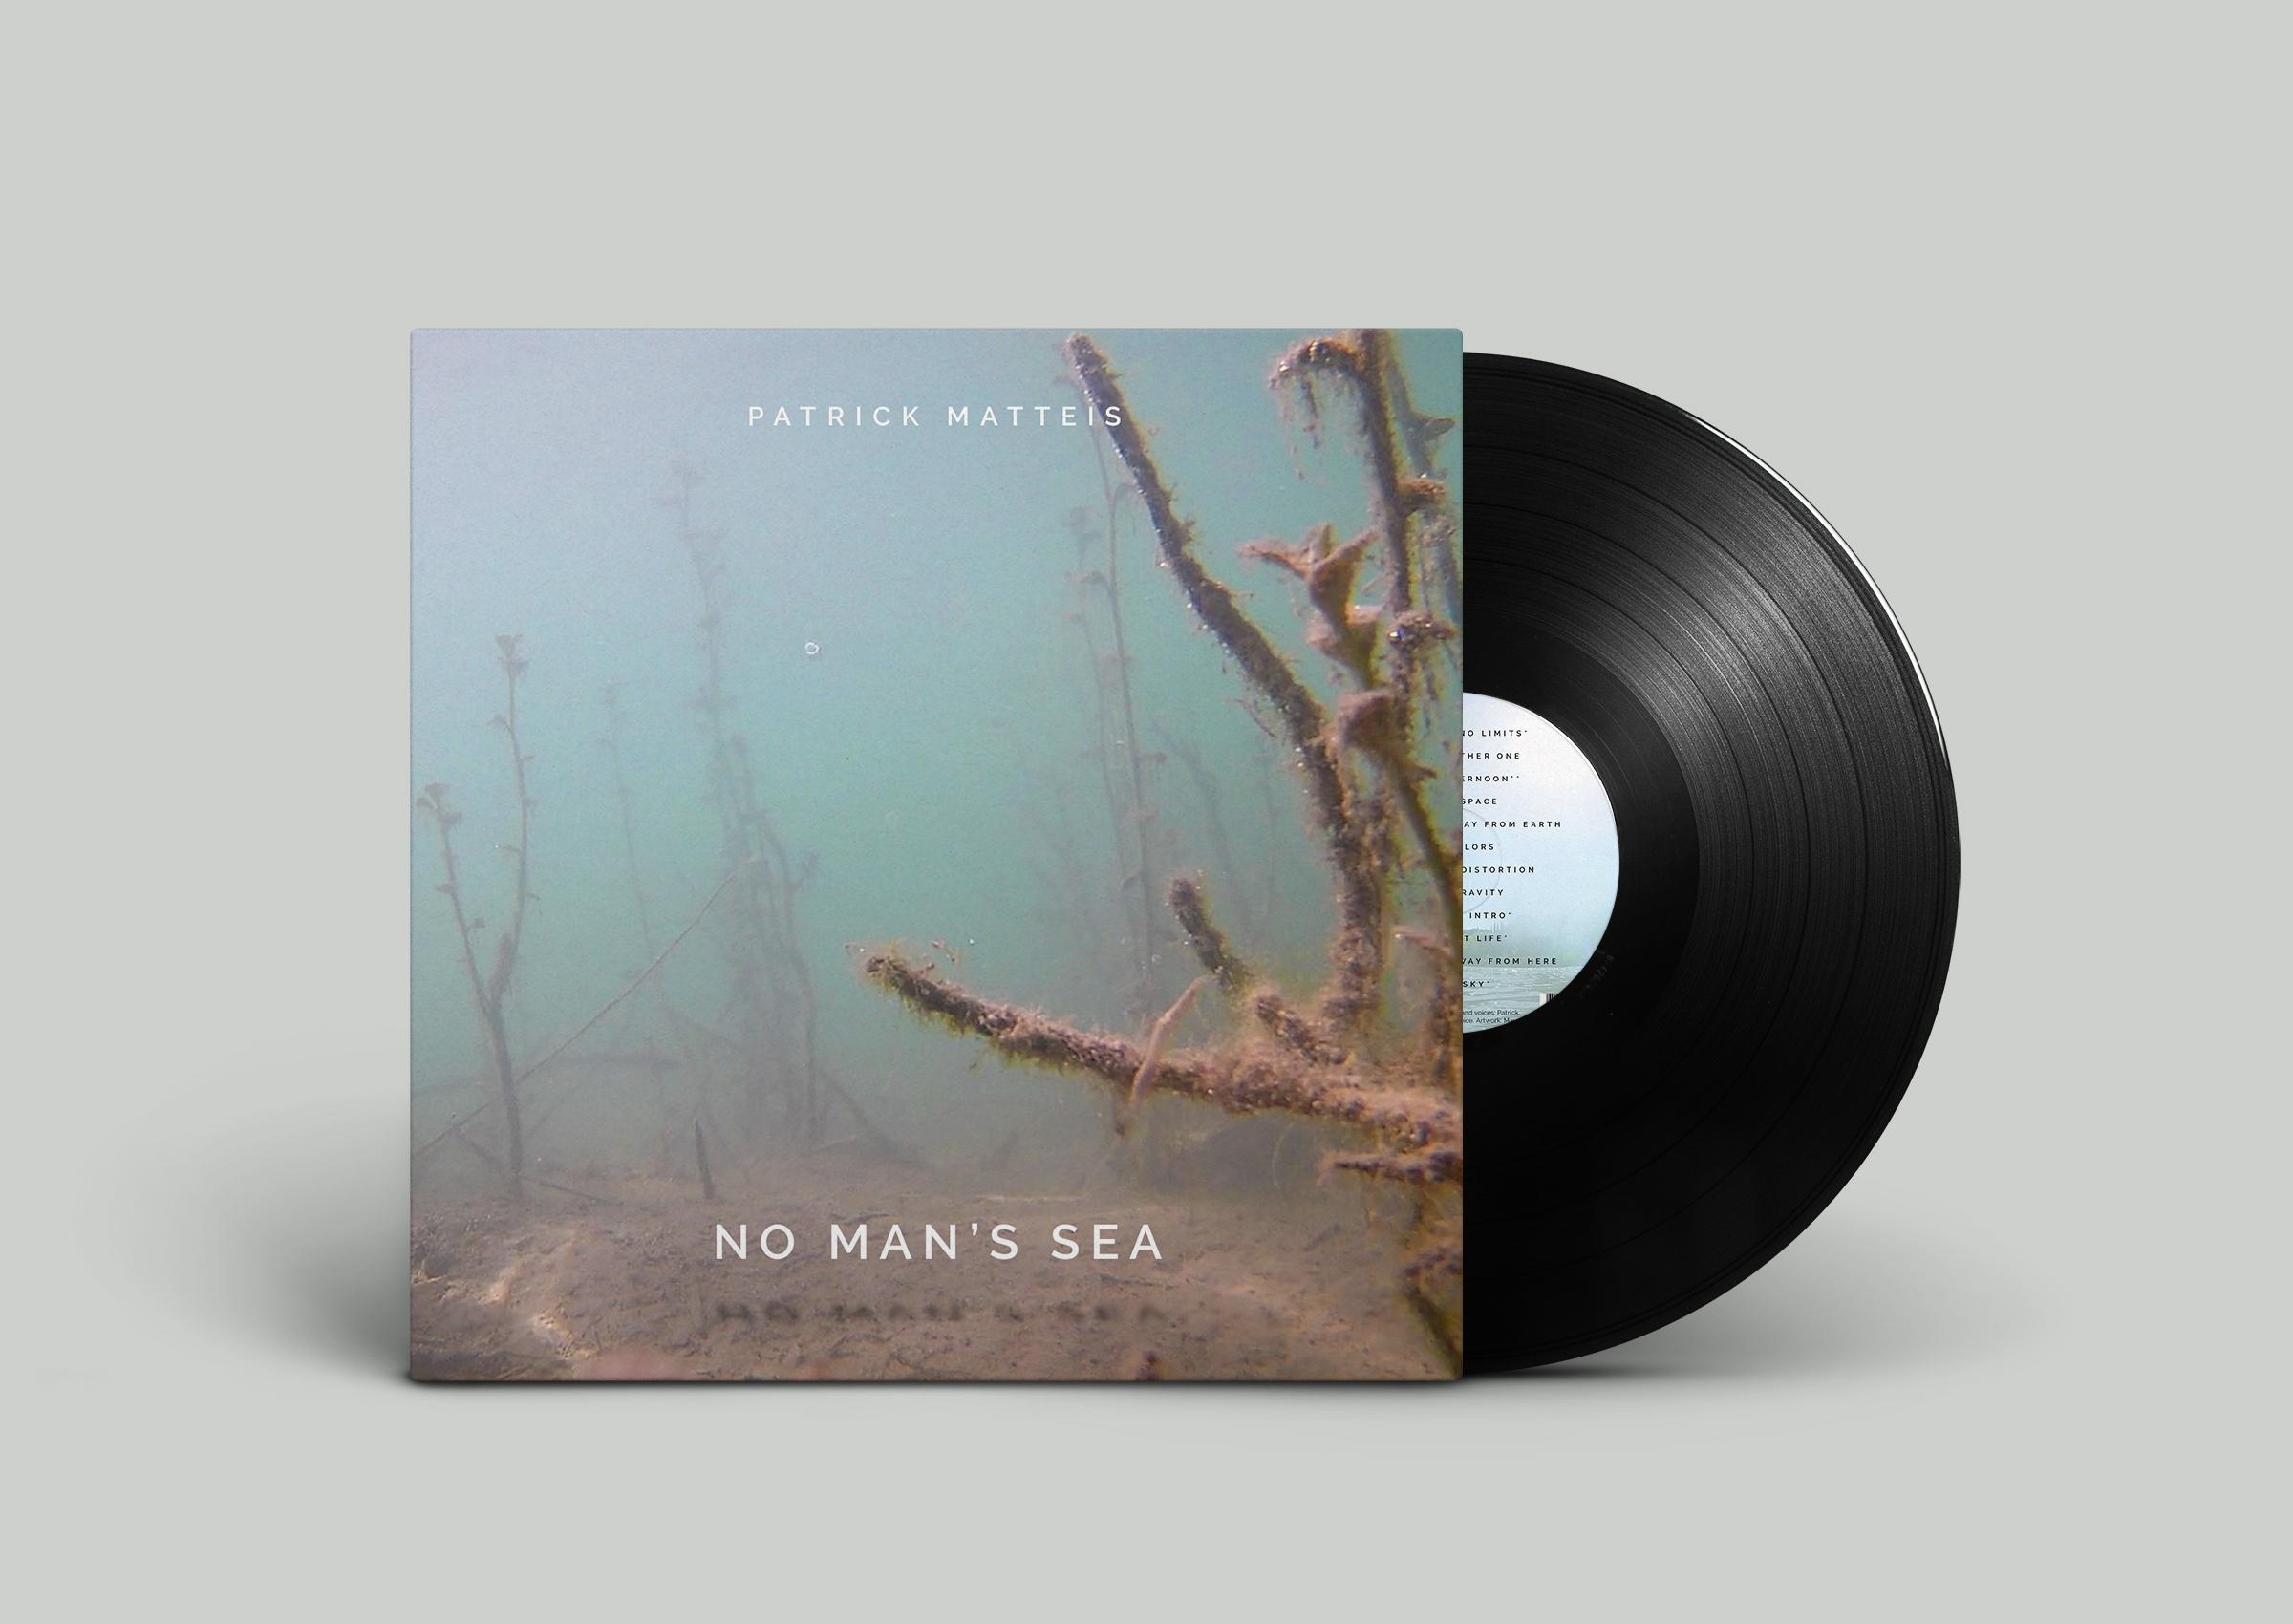 No Man's Sea